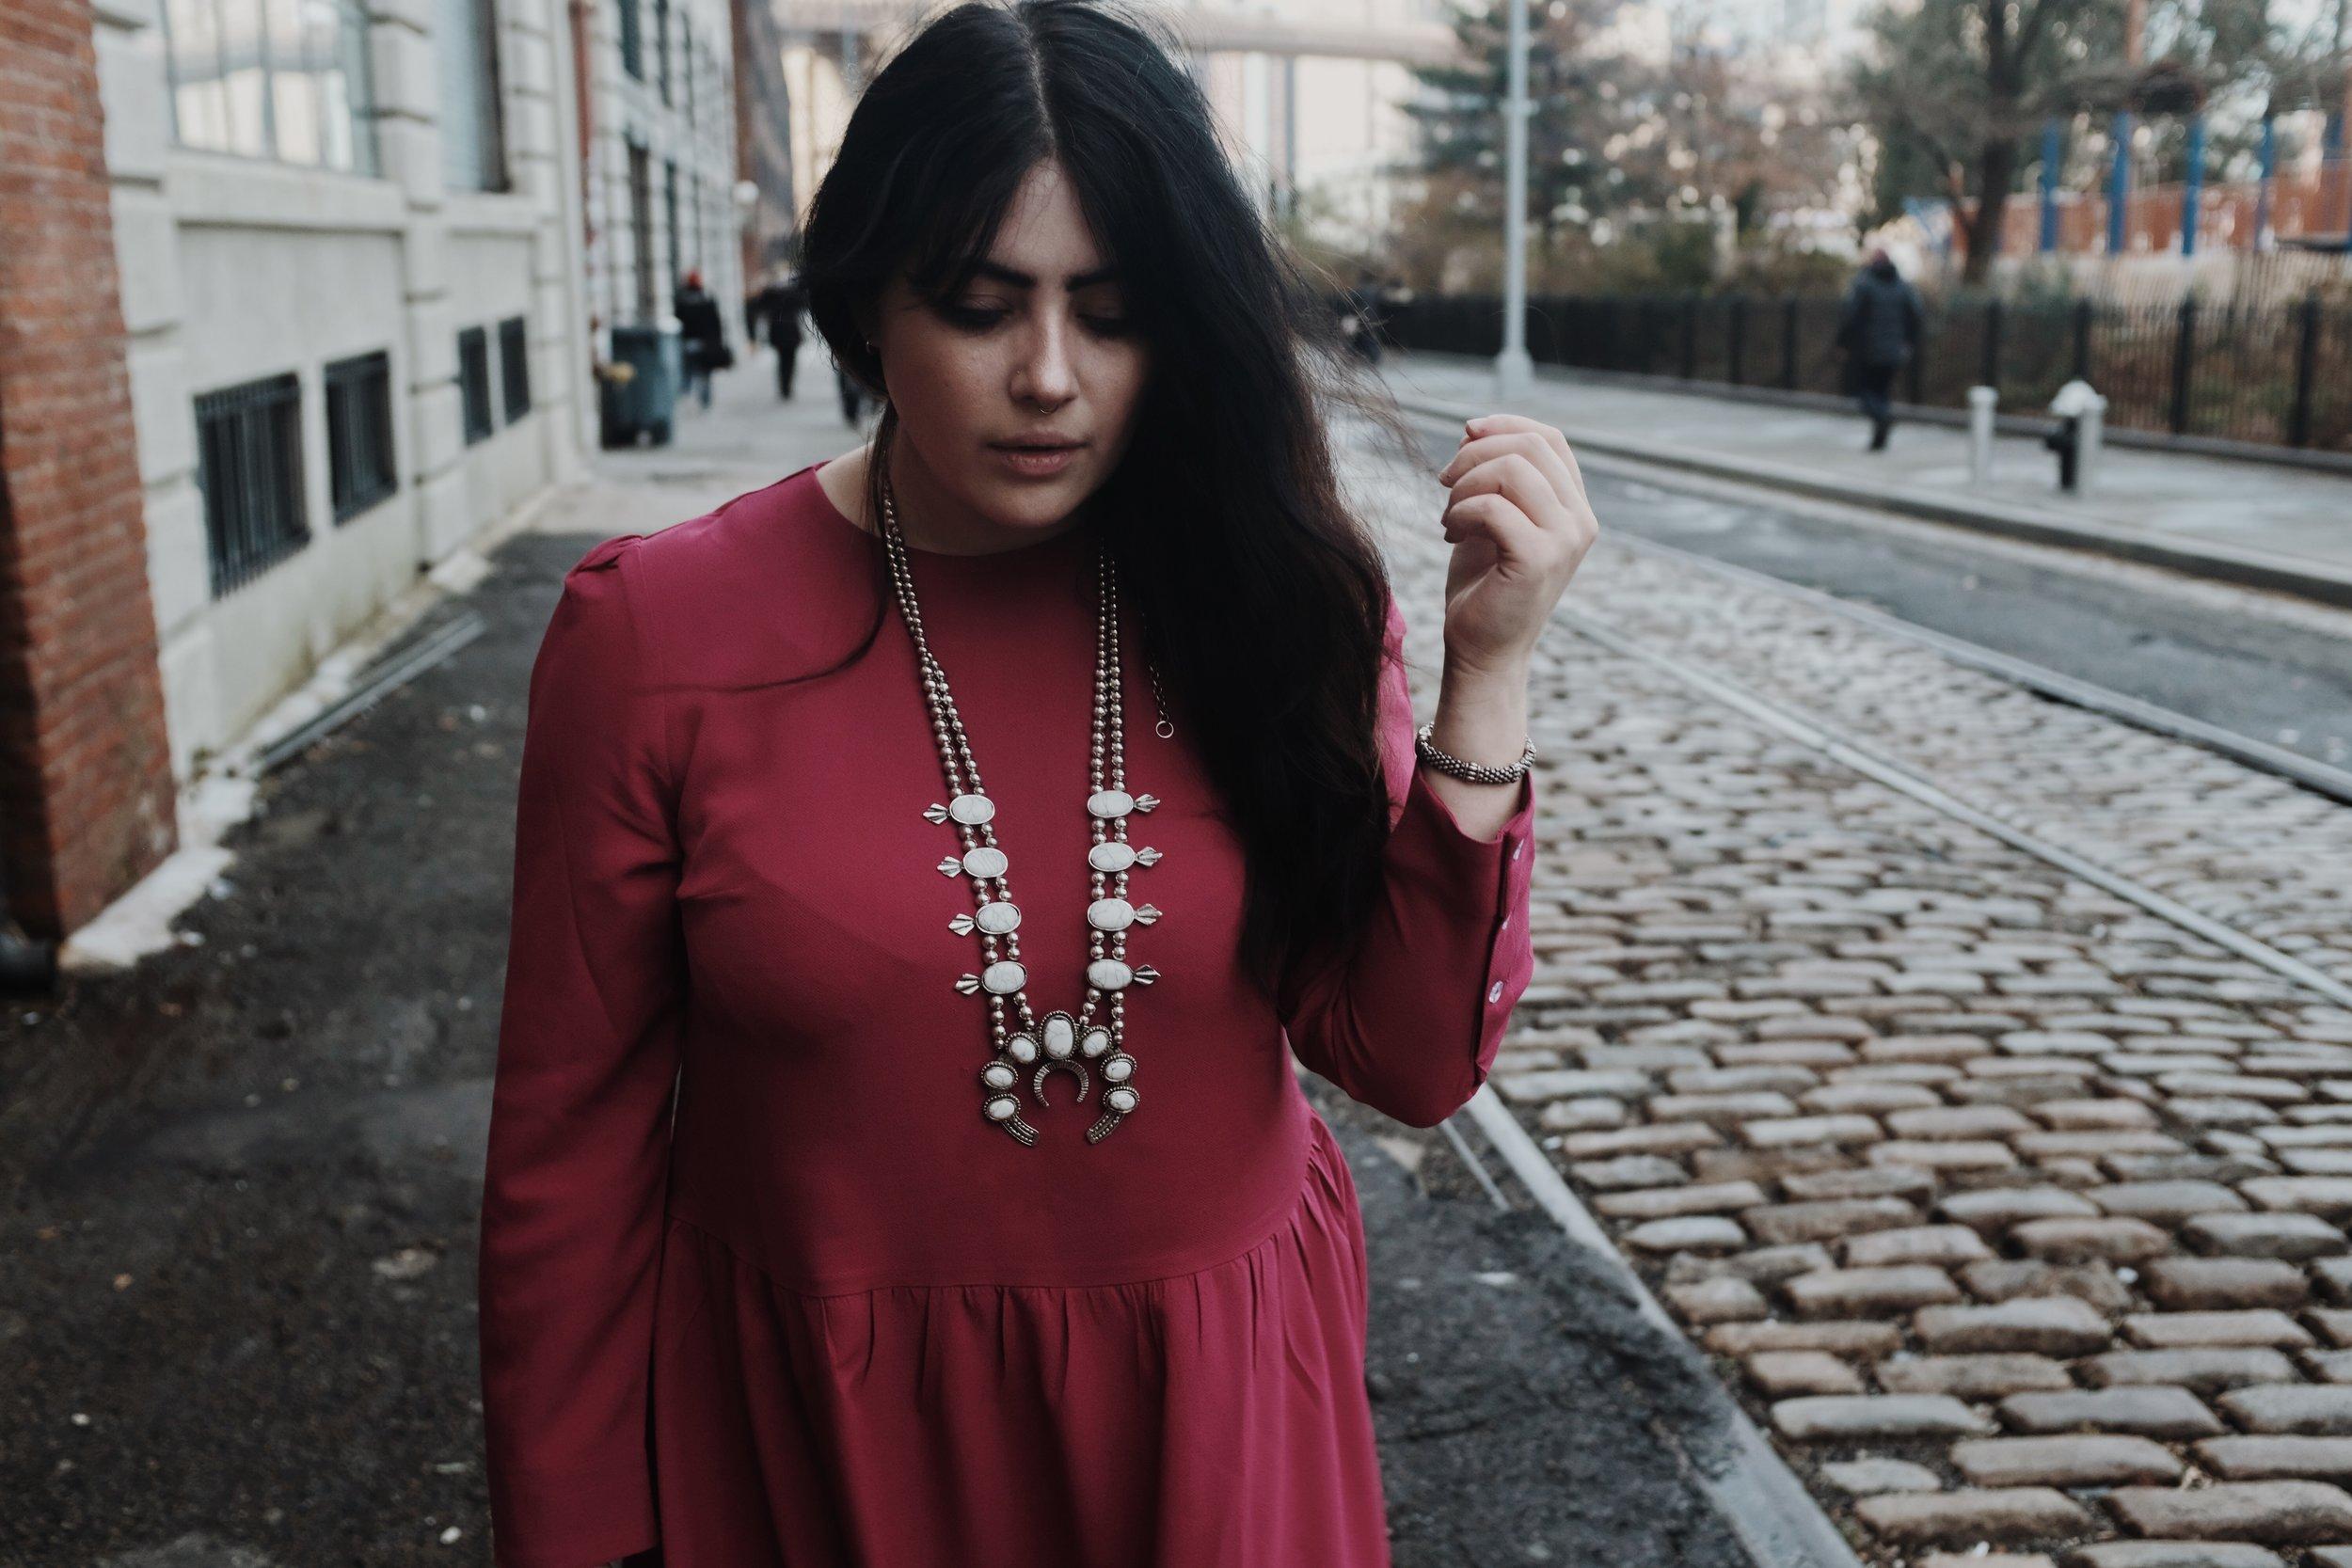 sticks-stones-squash-blossom-necklace.jpg